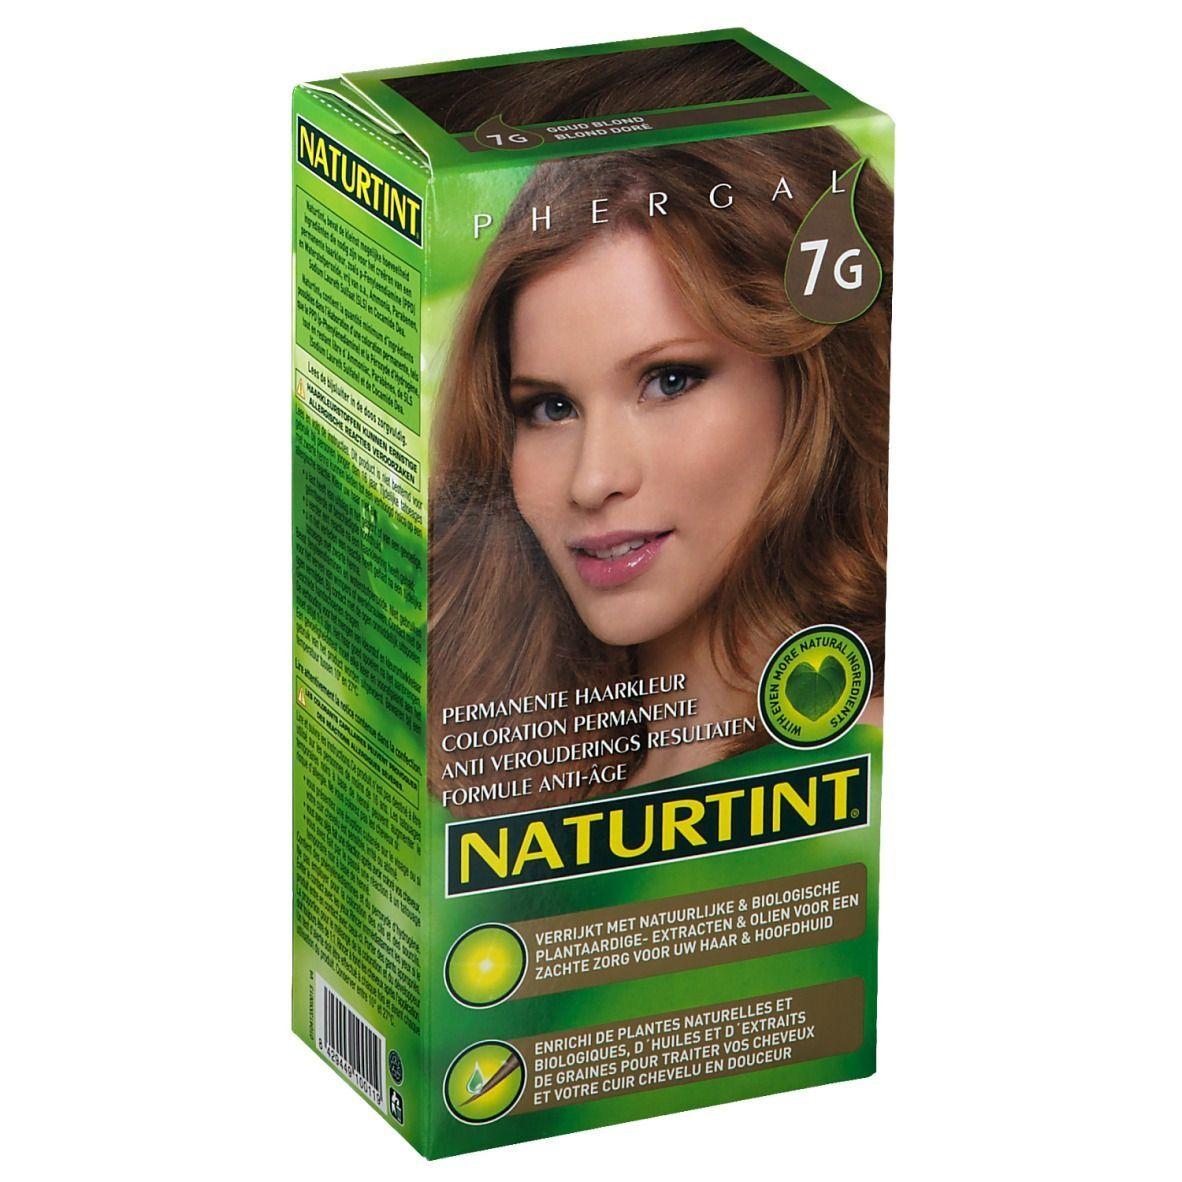 NATURTINT® Coloration Permanente 7G Blond doré ml fluide